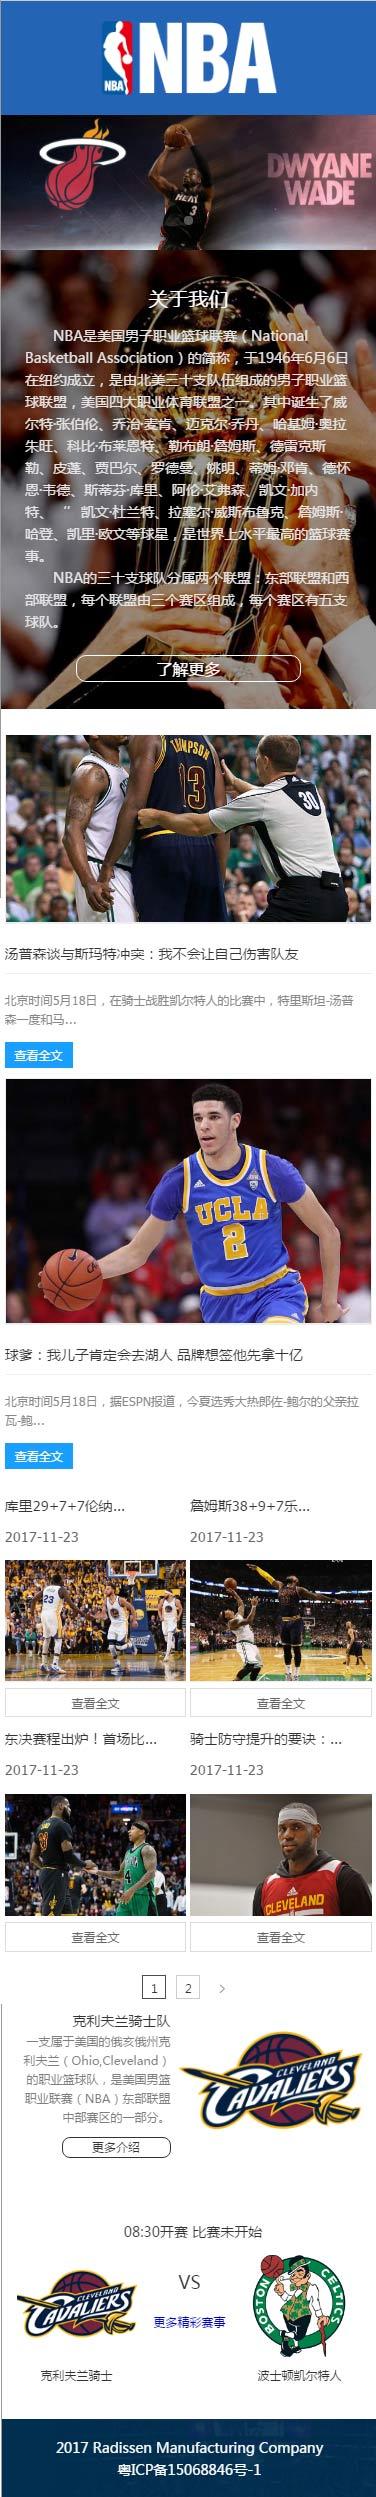 篮球展示模板